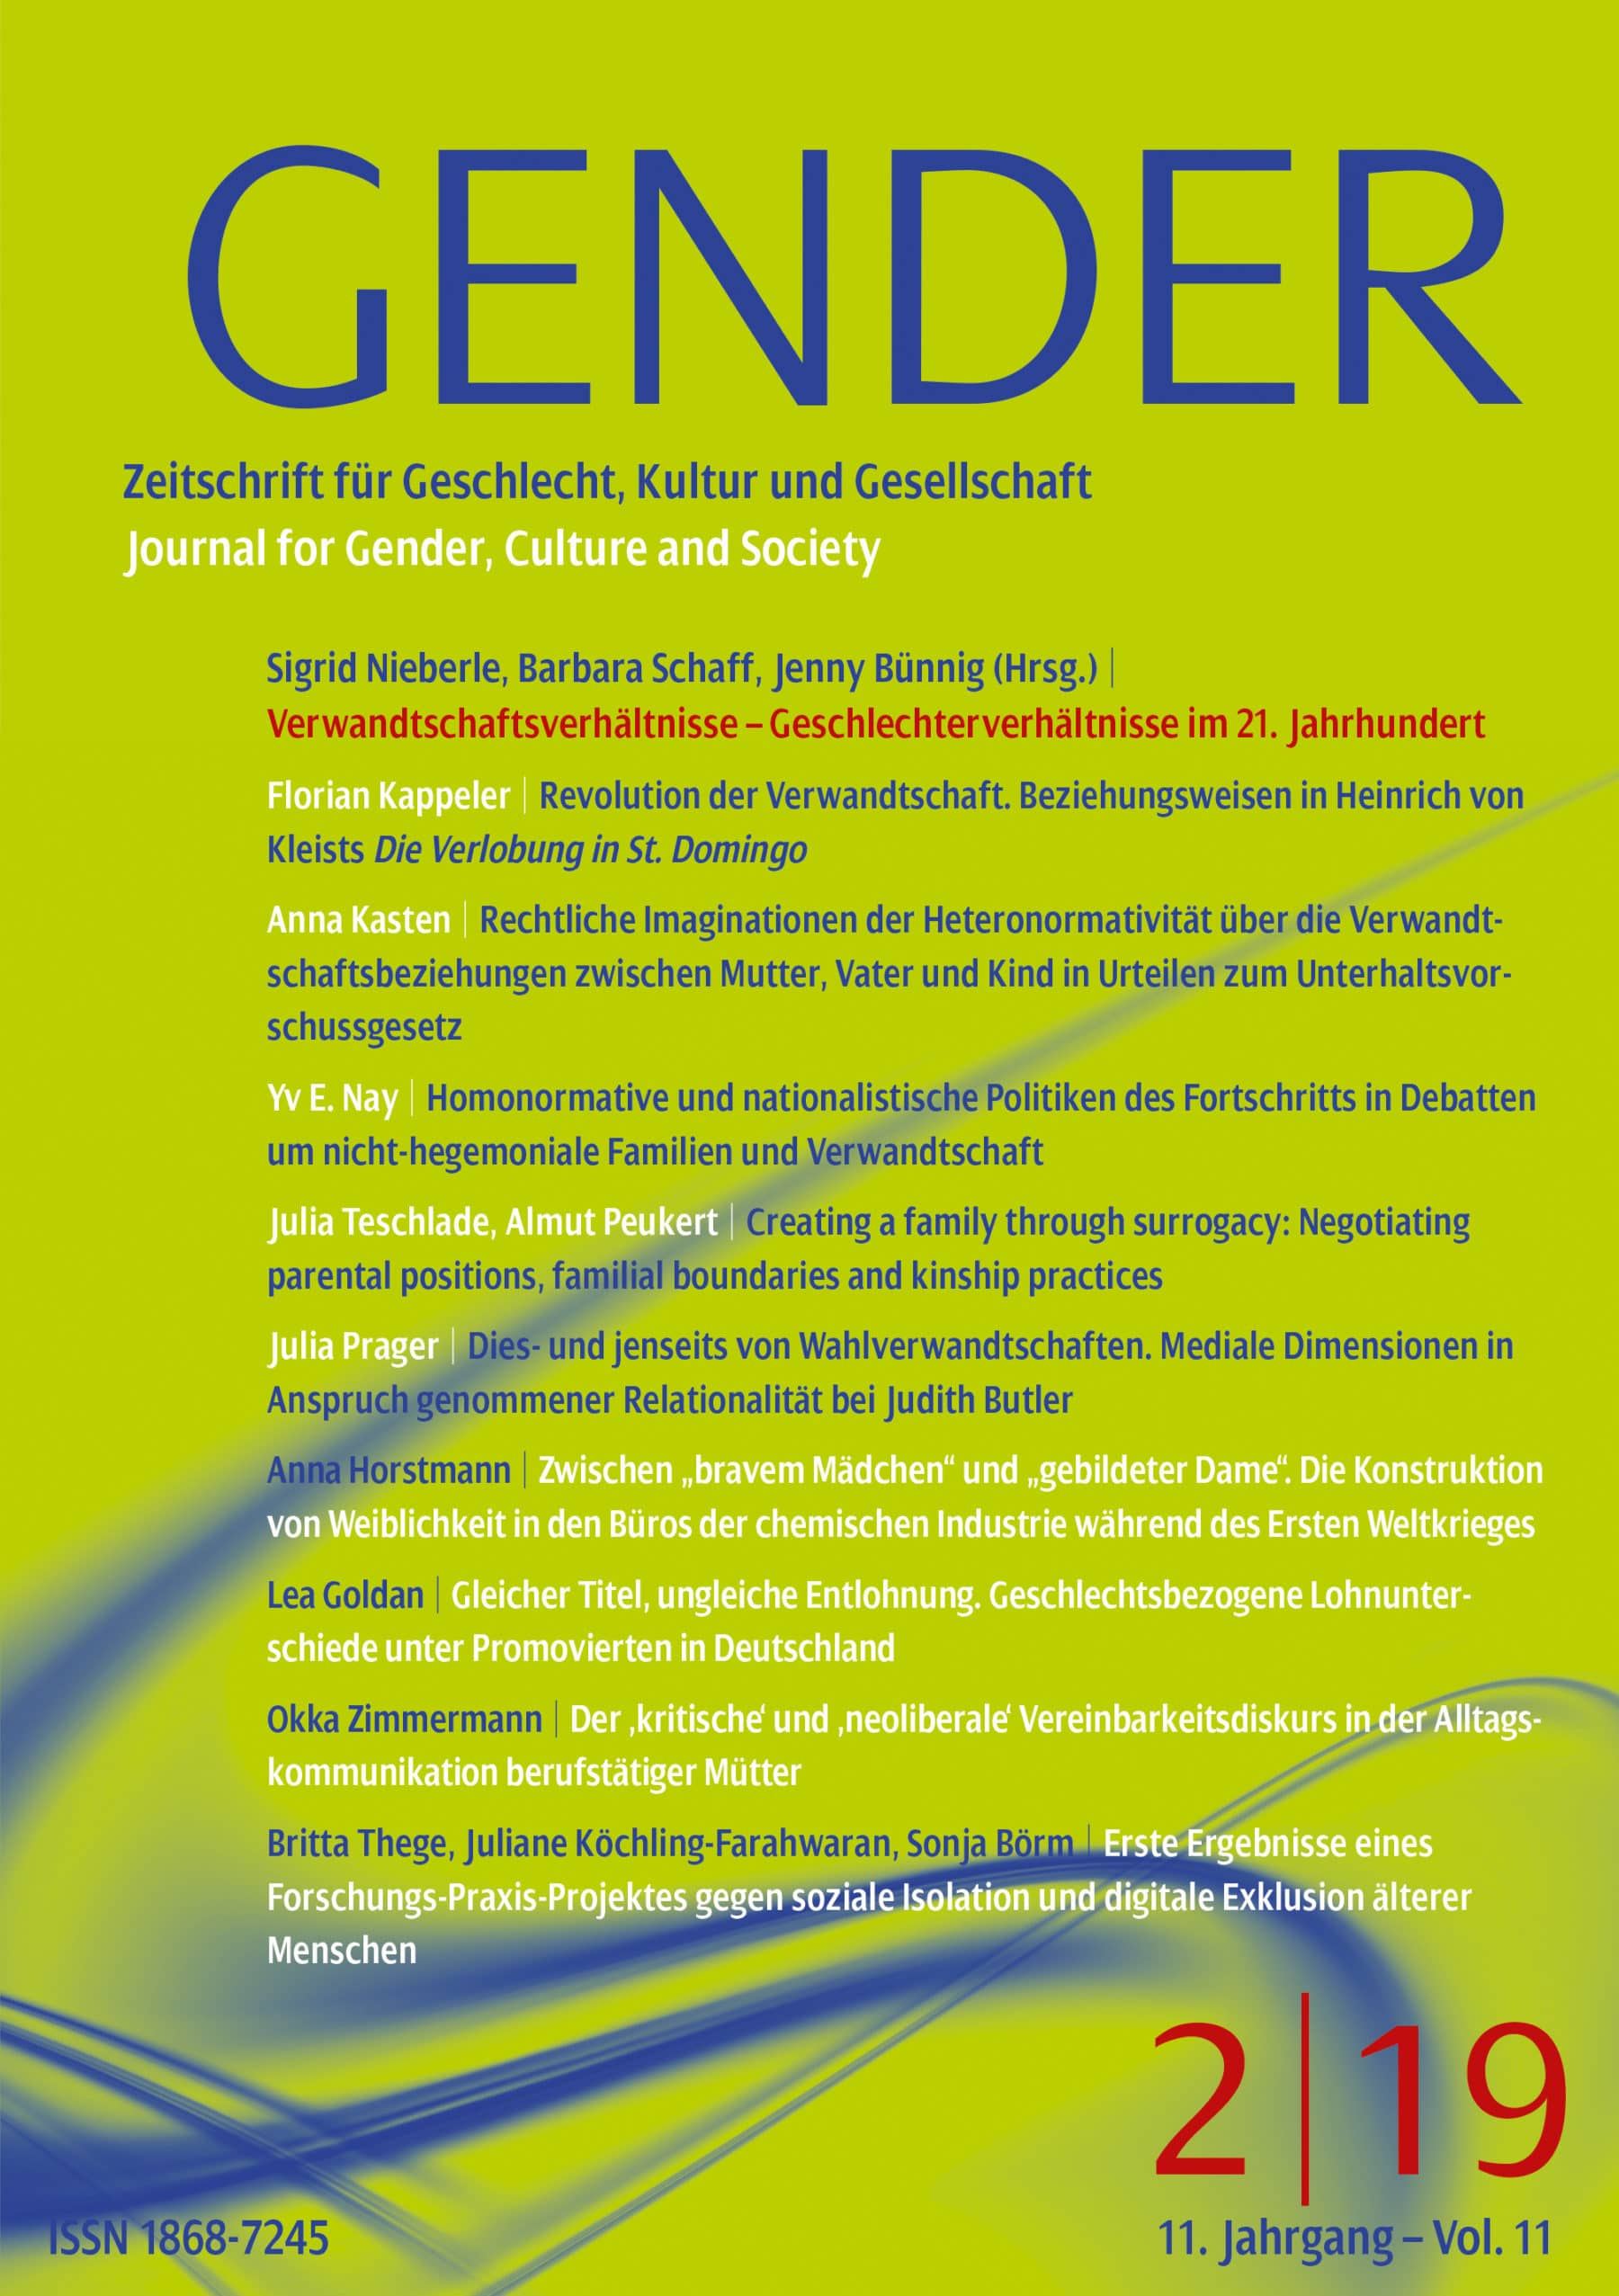 GENDER – Zeitschrift für Geschlecht, Kultur und Gesellschaft